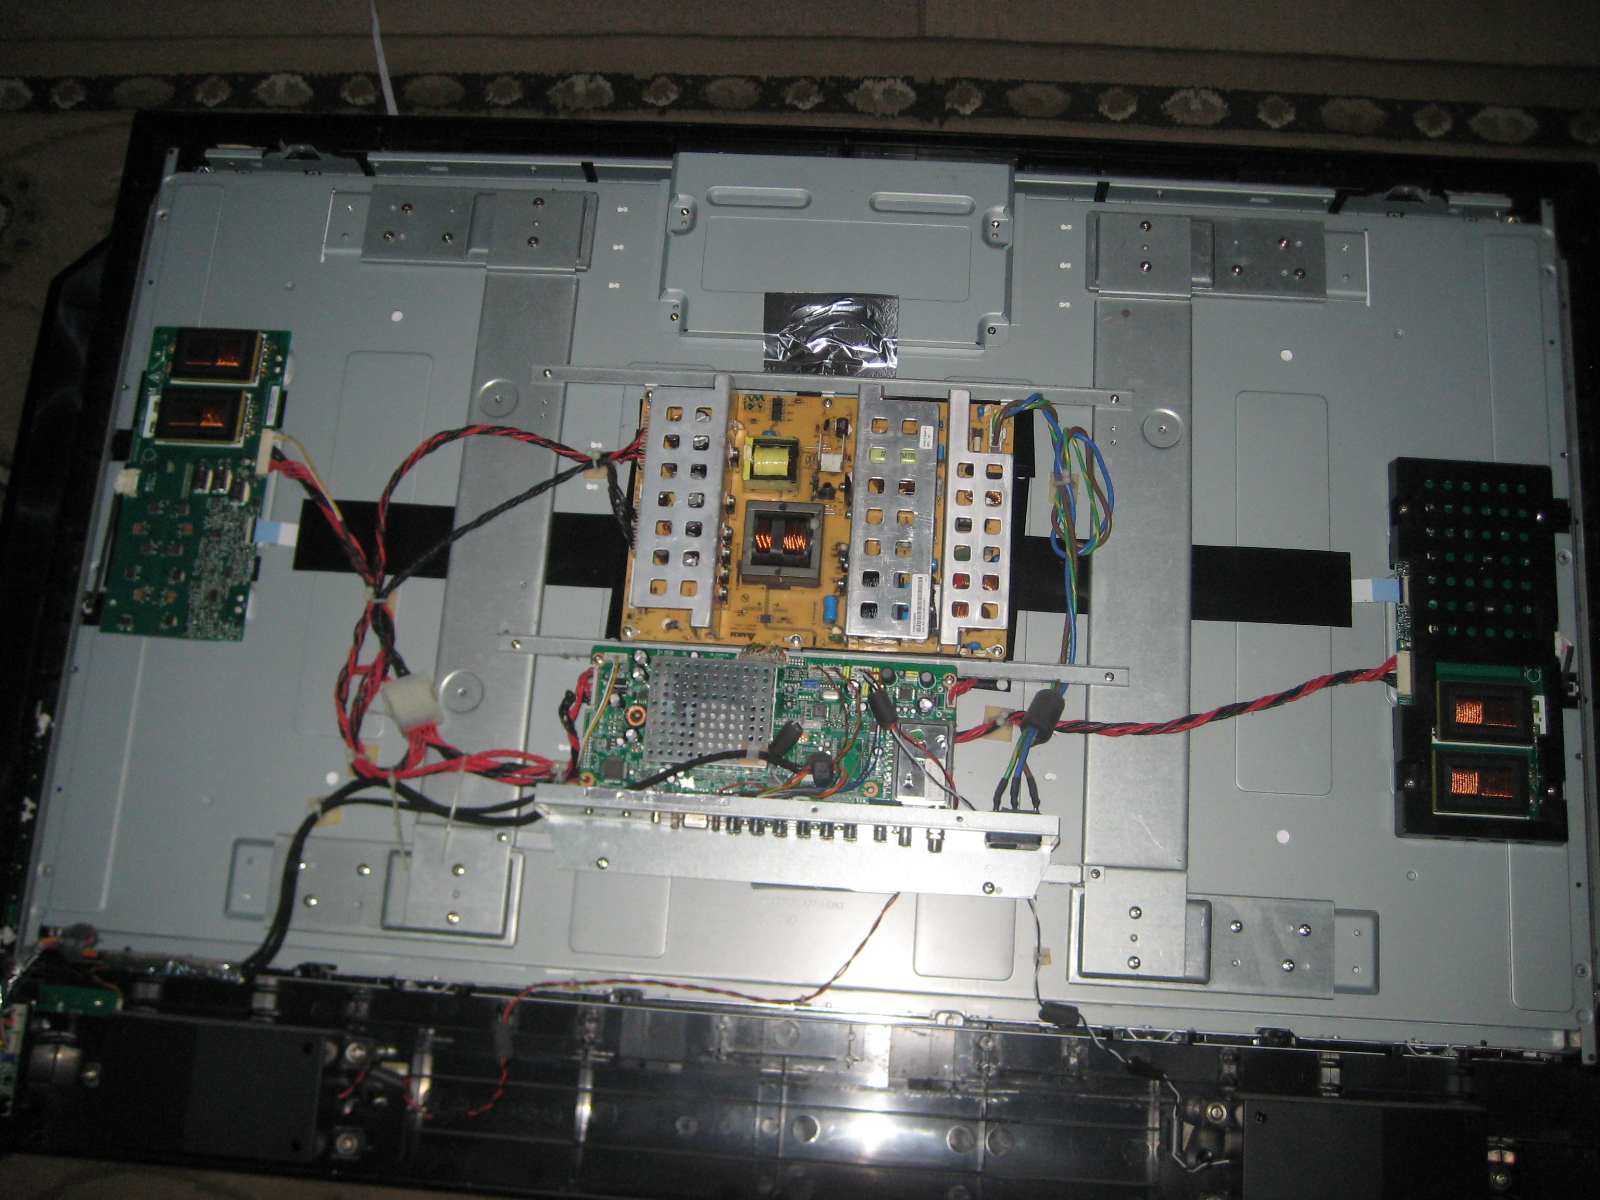 Fine Vizio Tv Diagram Collection - Wiring Diagram Ideas - guapodugh.com